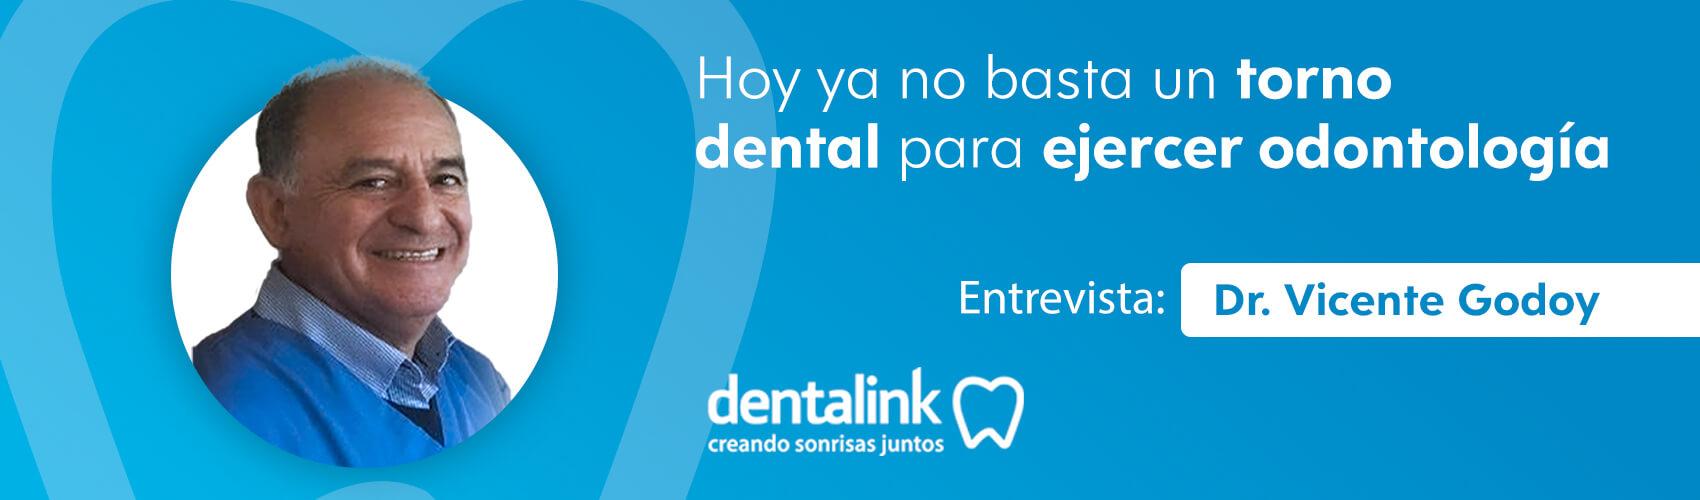 Entrevista al Dr. Vicente Godoy - Su visión de la odontología actual